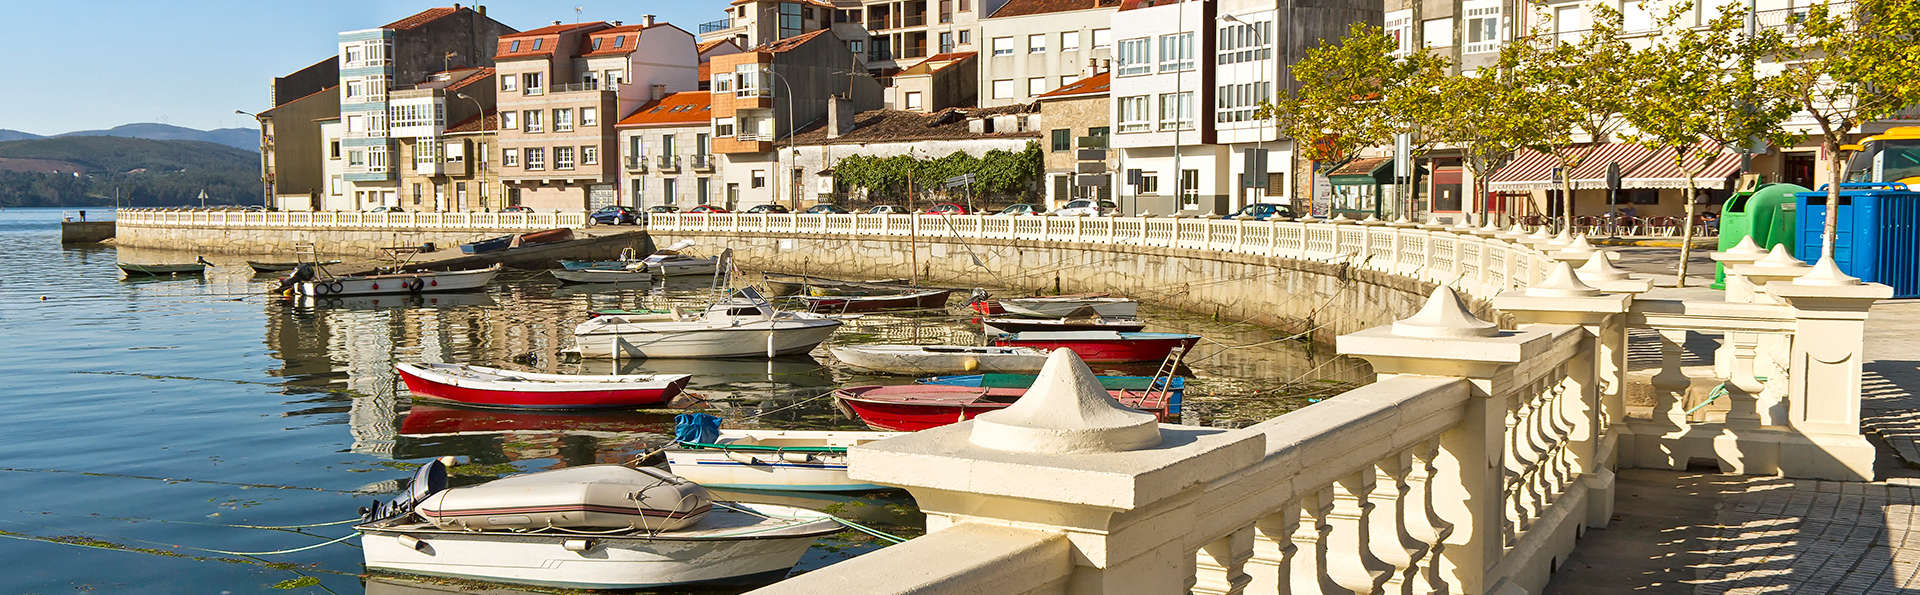 Termas de Cuntis - Hotel La Virgen - EDIT_NEW_destination.jpg